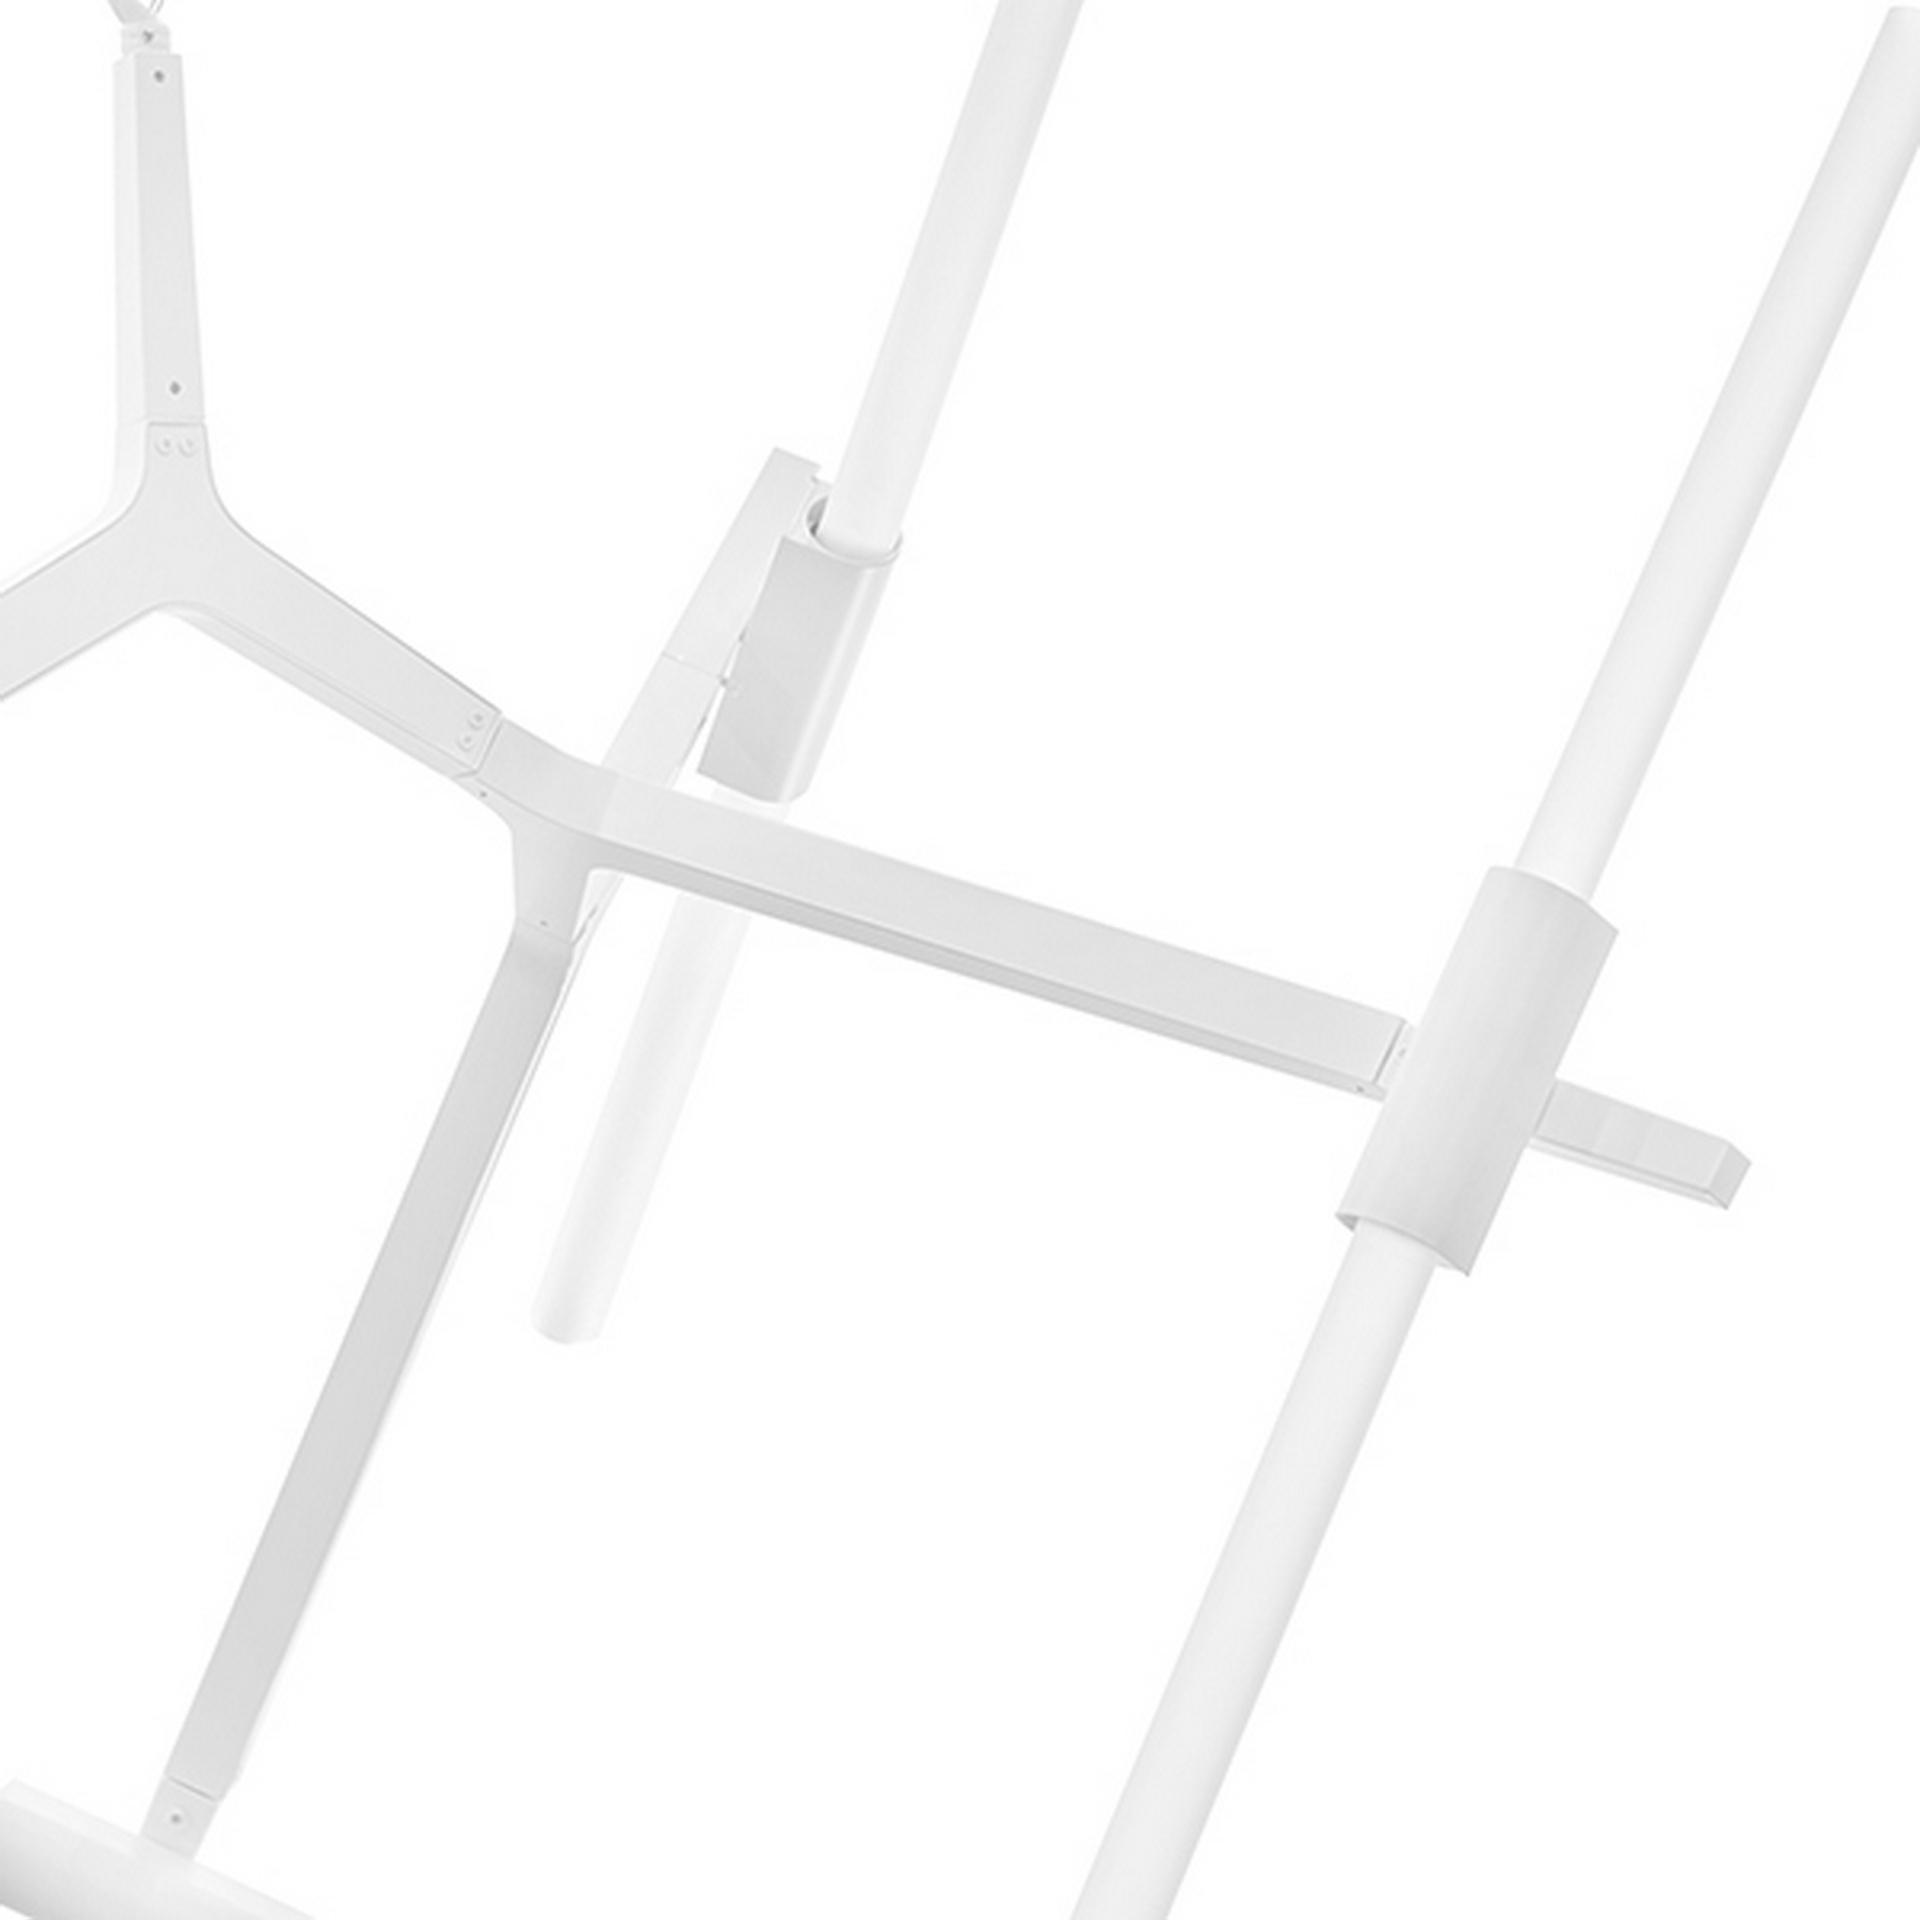 Подвесная люстра STRUTTURA LightStar 742106 цвет - белый матовый, купить в СПб, Москве, с доставкой, Санкт-Петербург, интернет-магазин люстр и светильников Starlight, фото в жизни